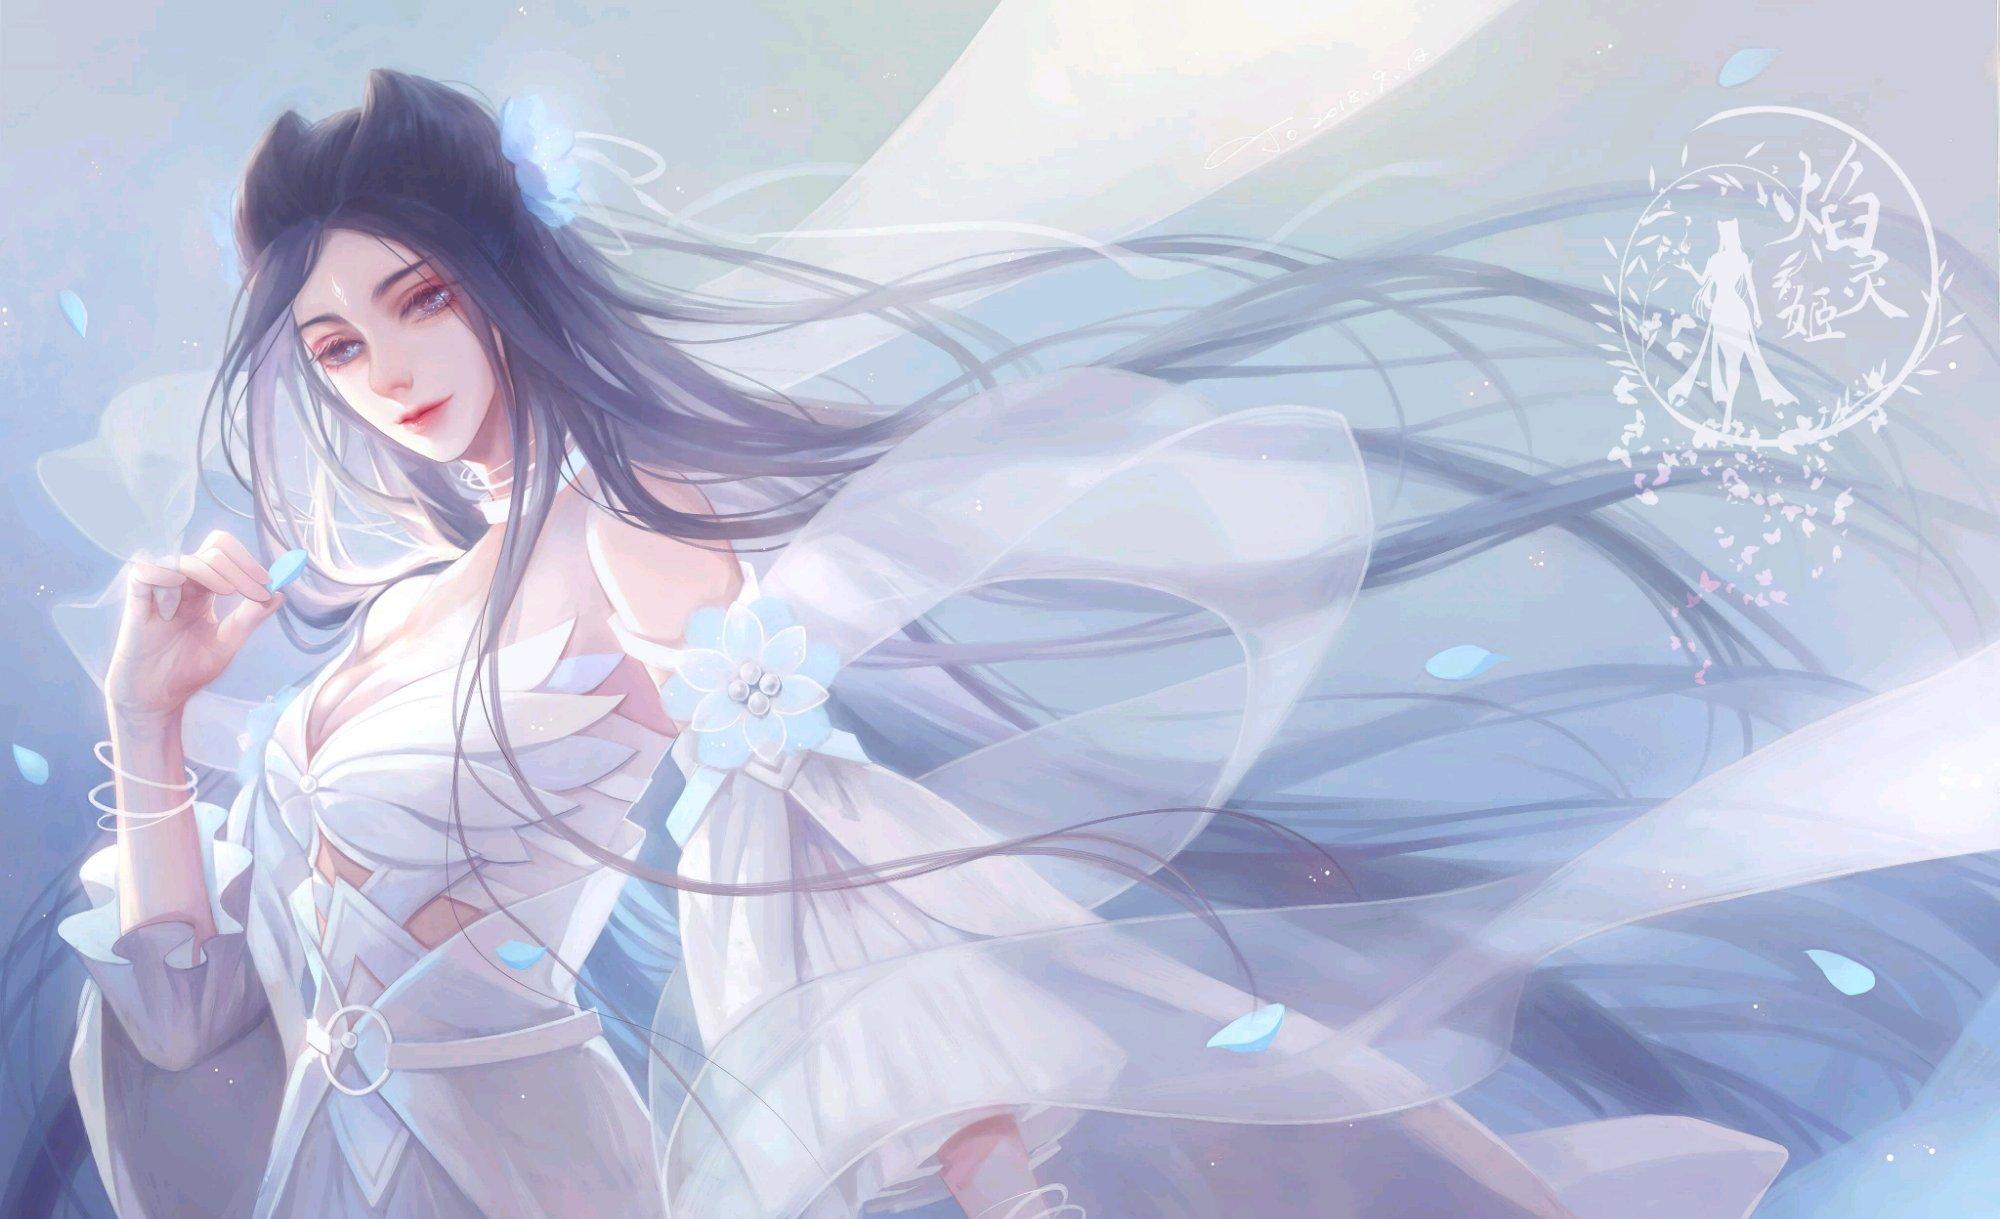 焰灵姬十月壁纸